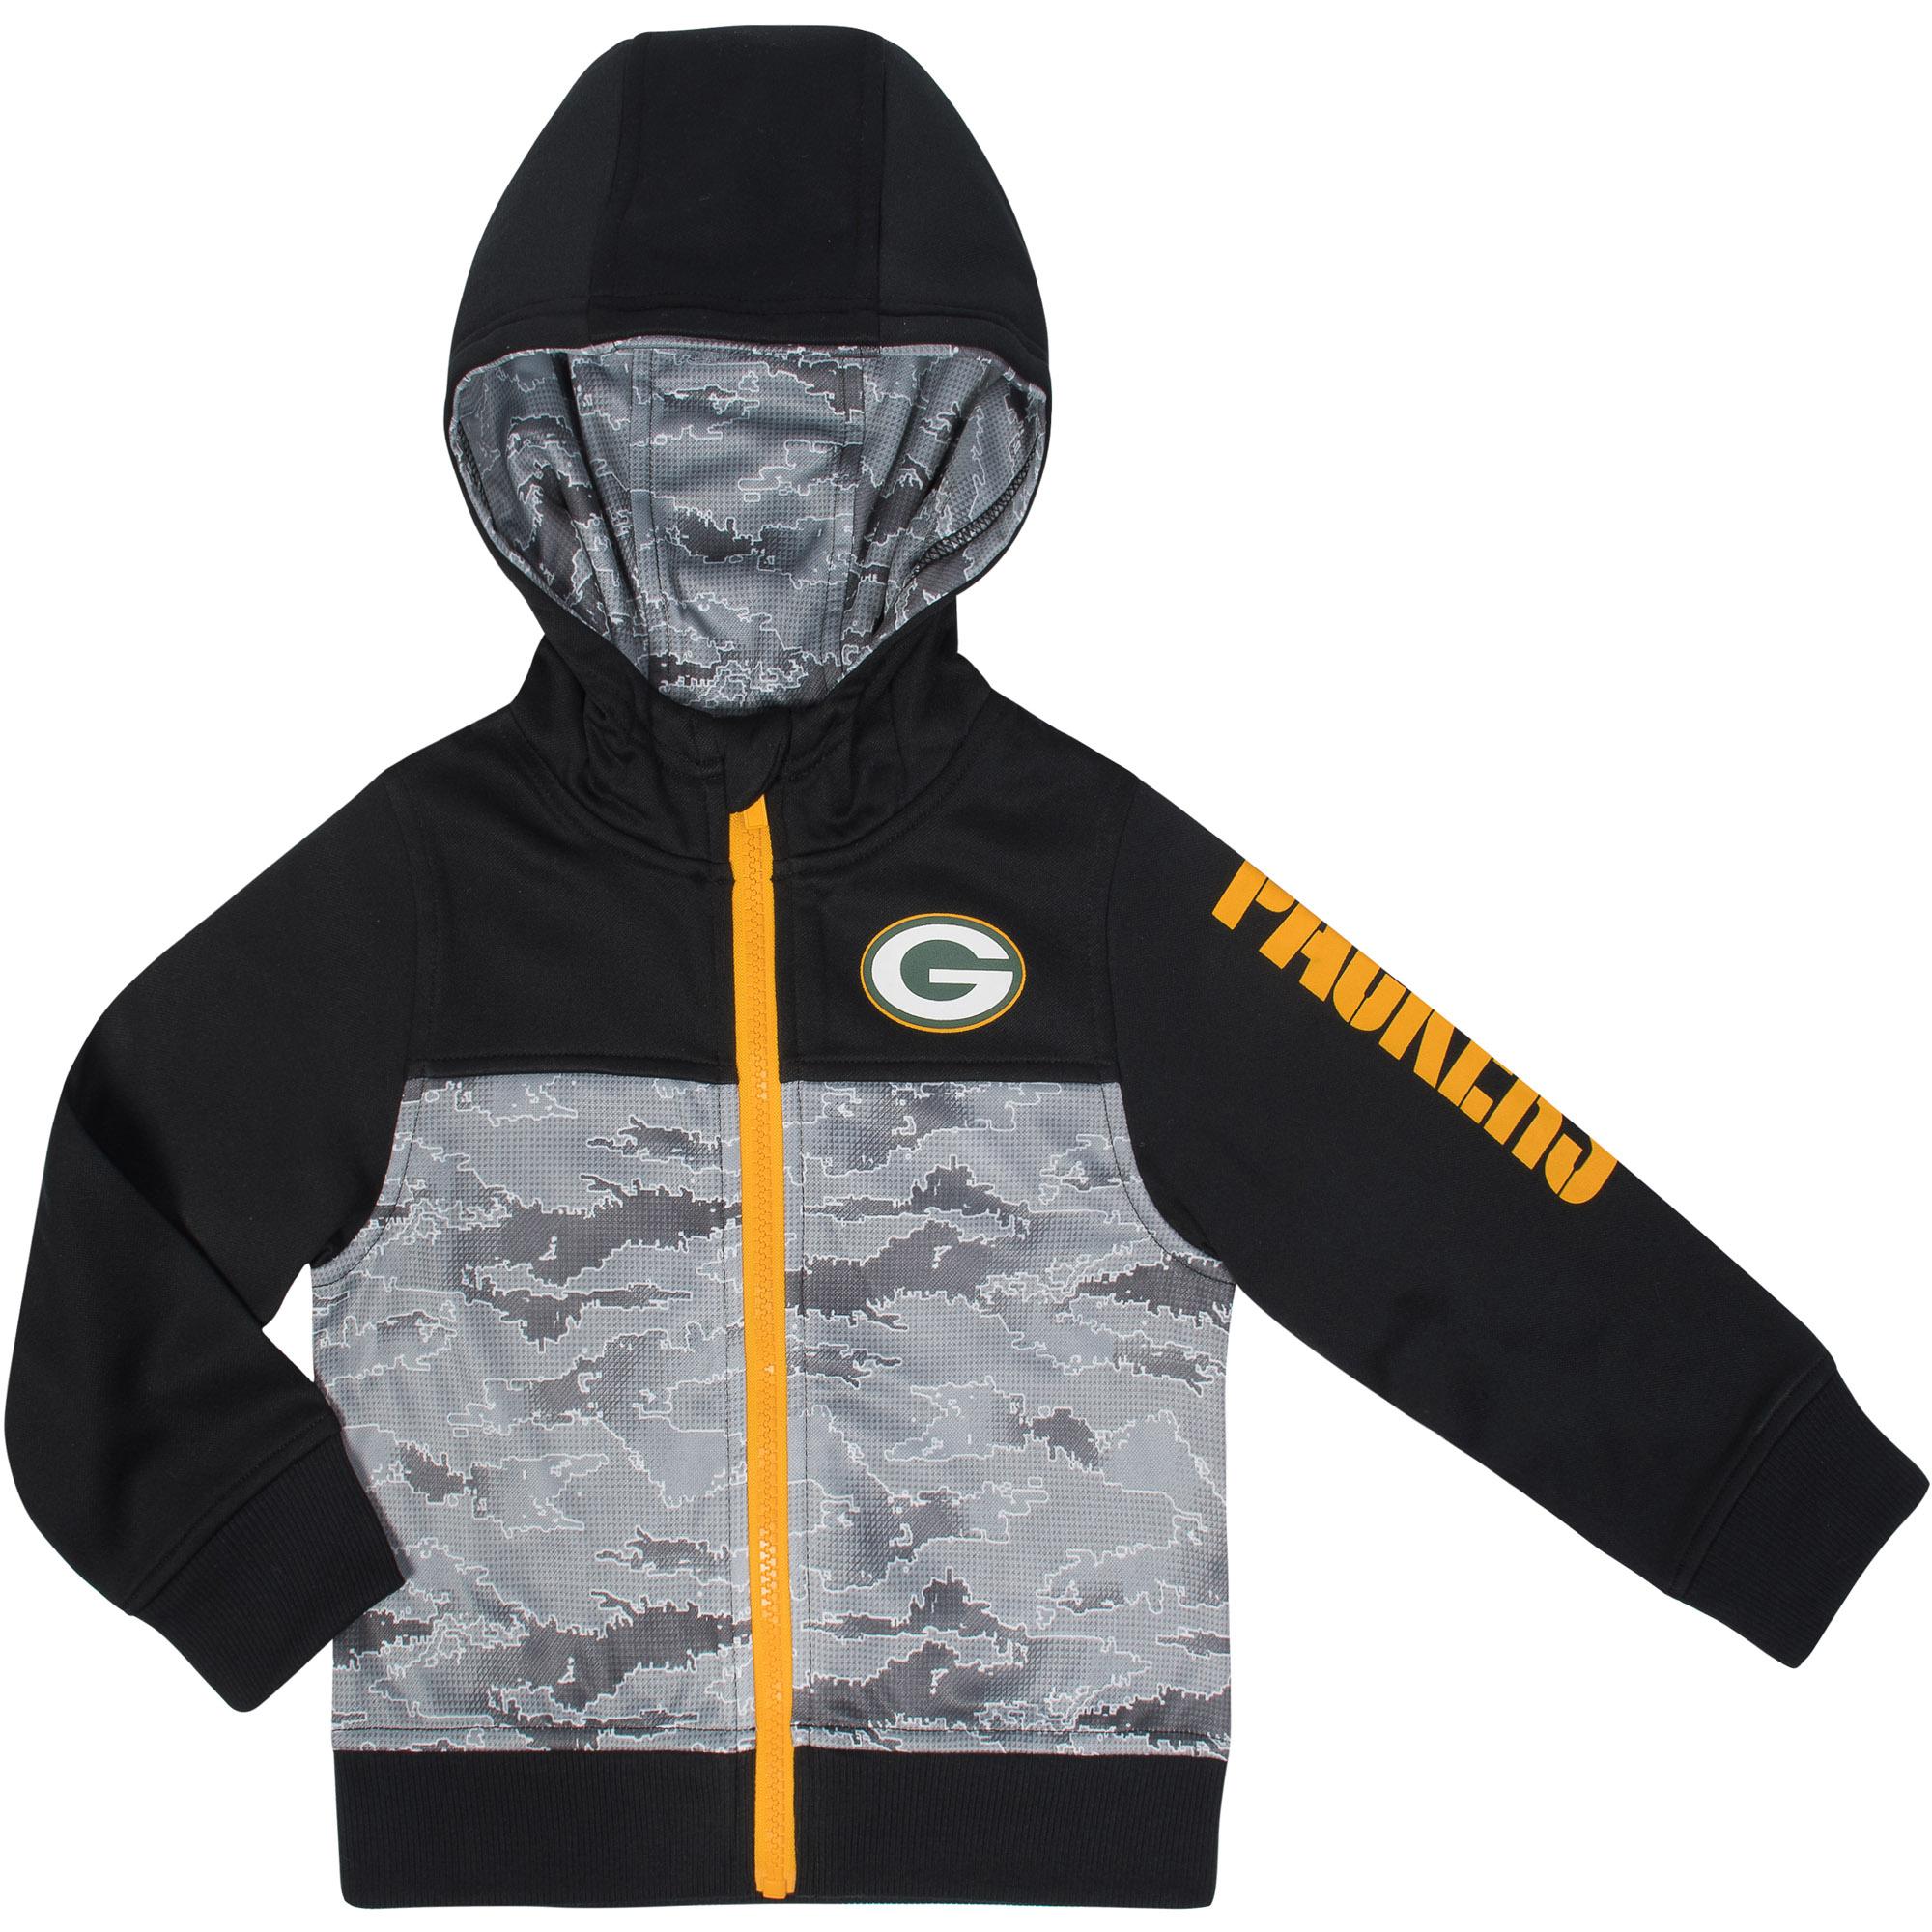 Toddler Gerber Black/Gray Green Bay Packers Team Full-Zip Hoodie